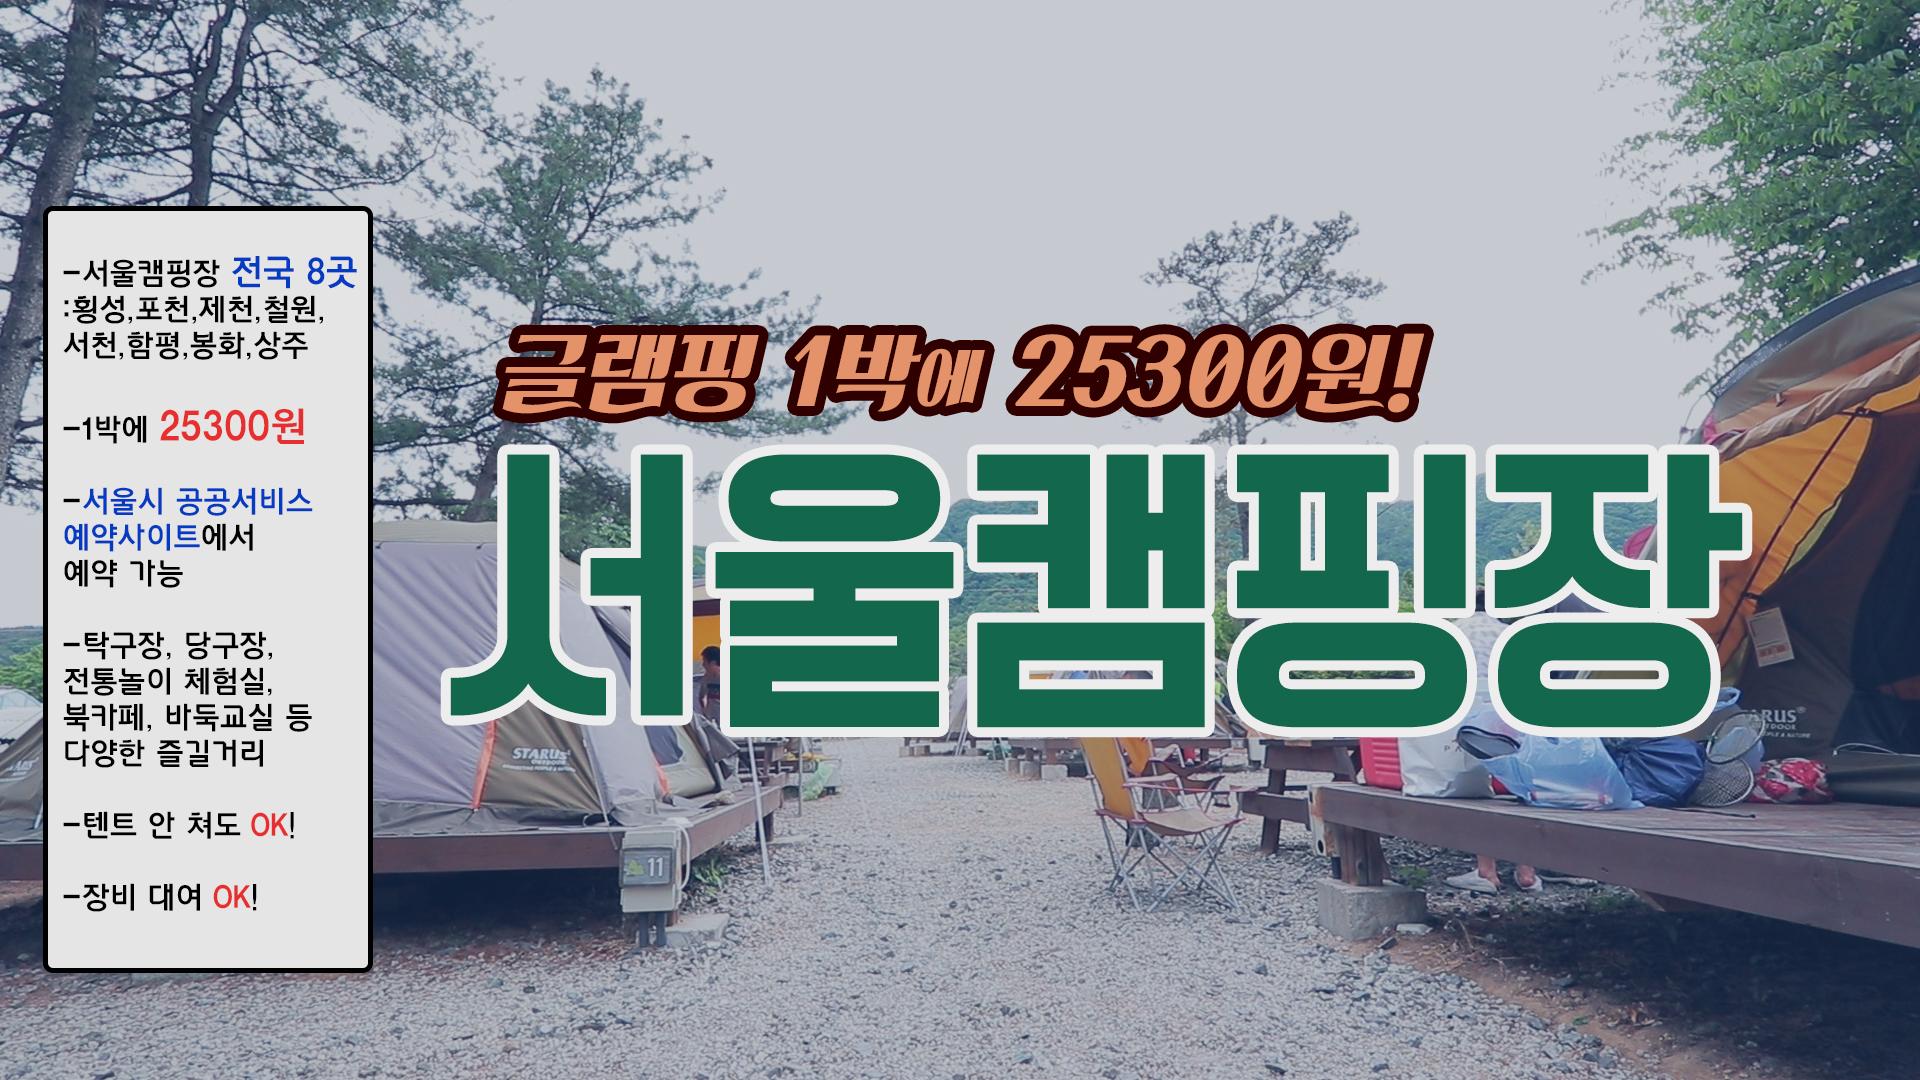 글램핑 1박에 25300원... '서울시에 물어봐'